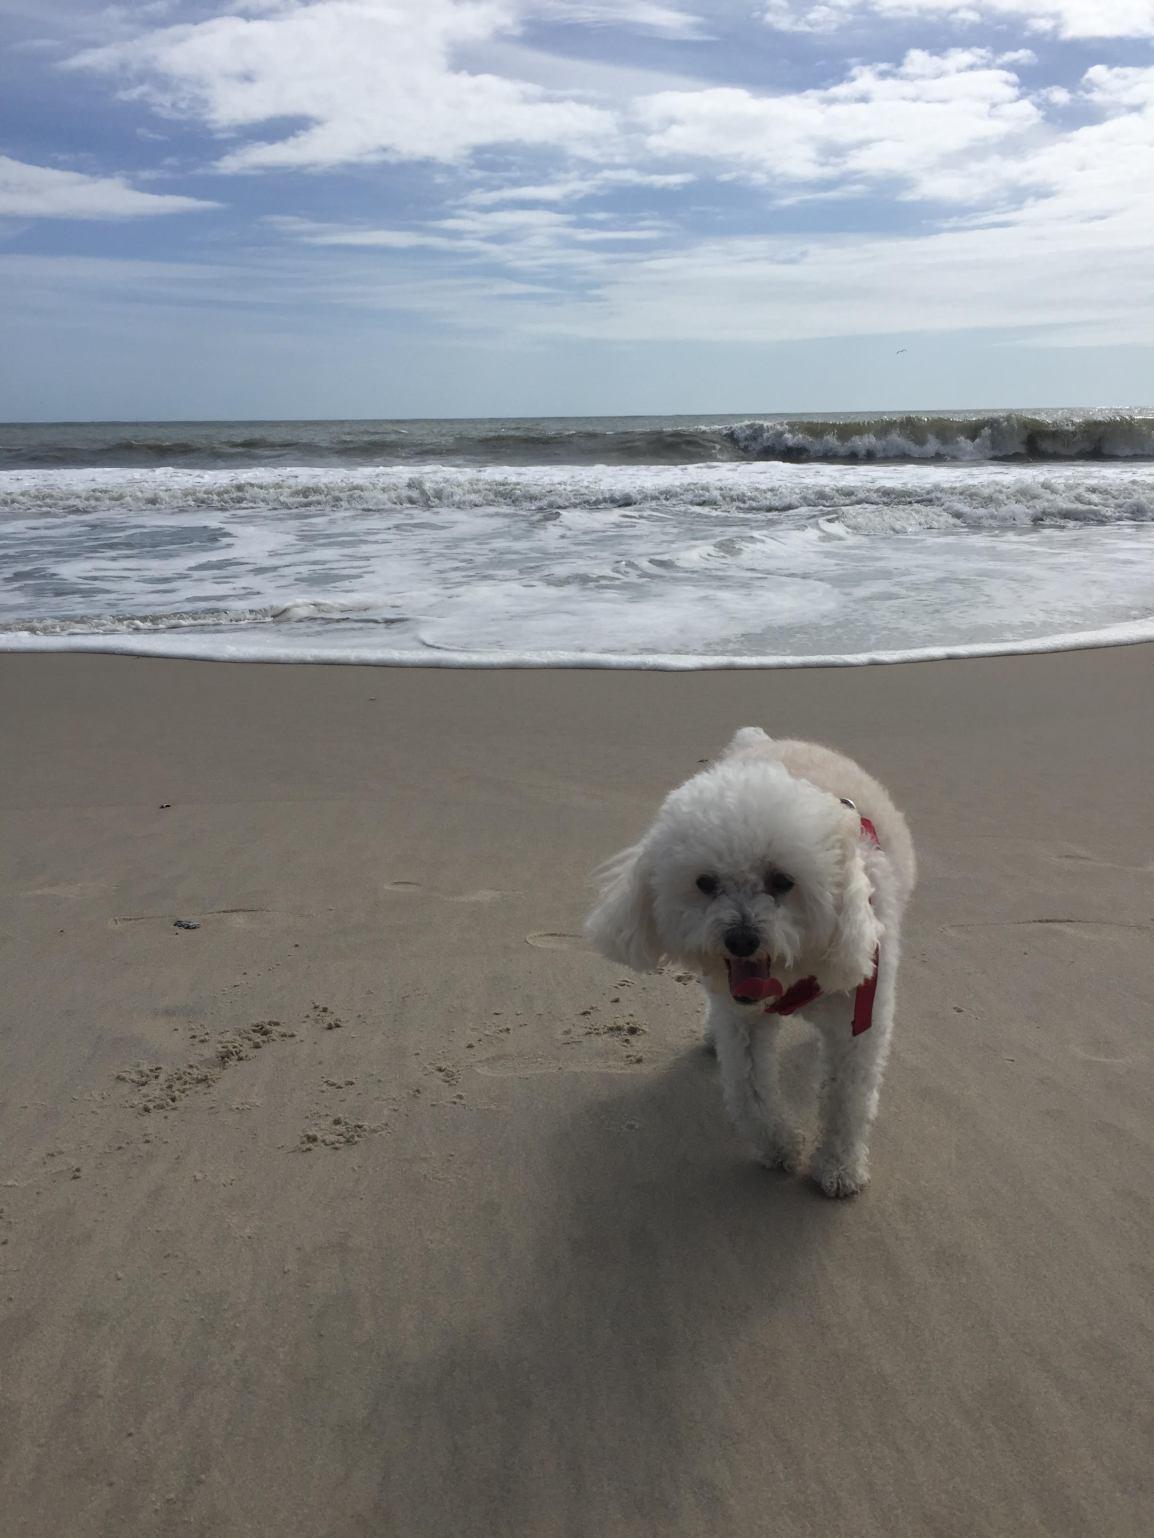 Savannah at the beach